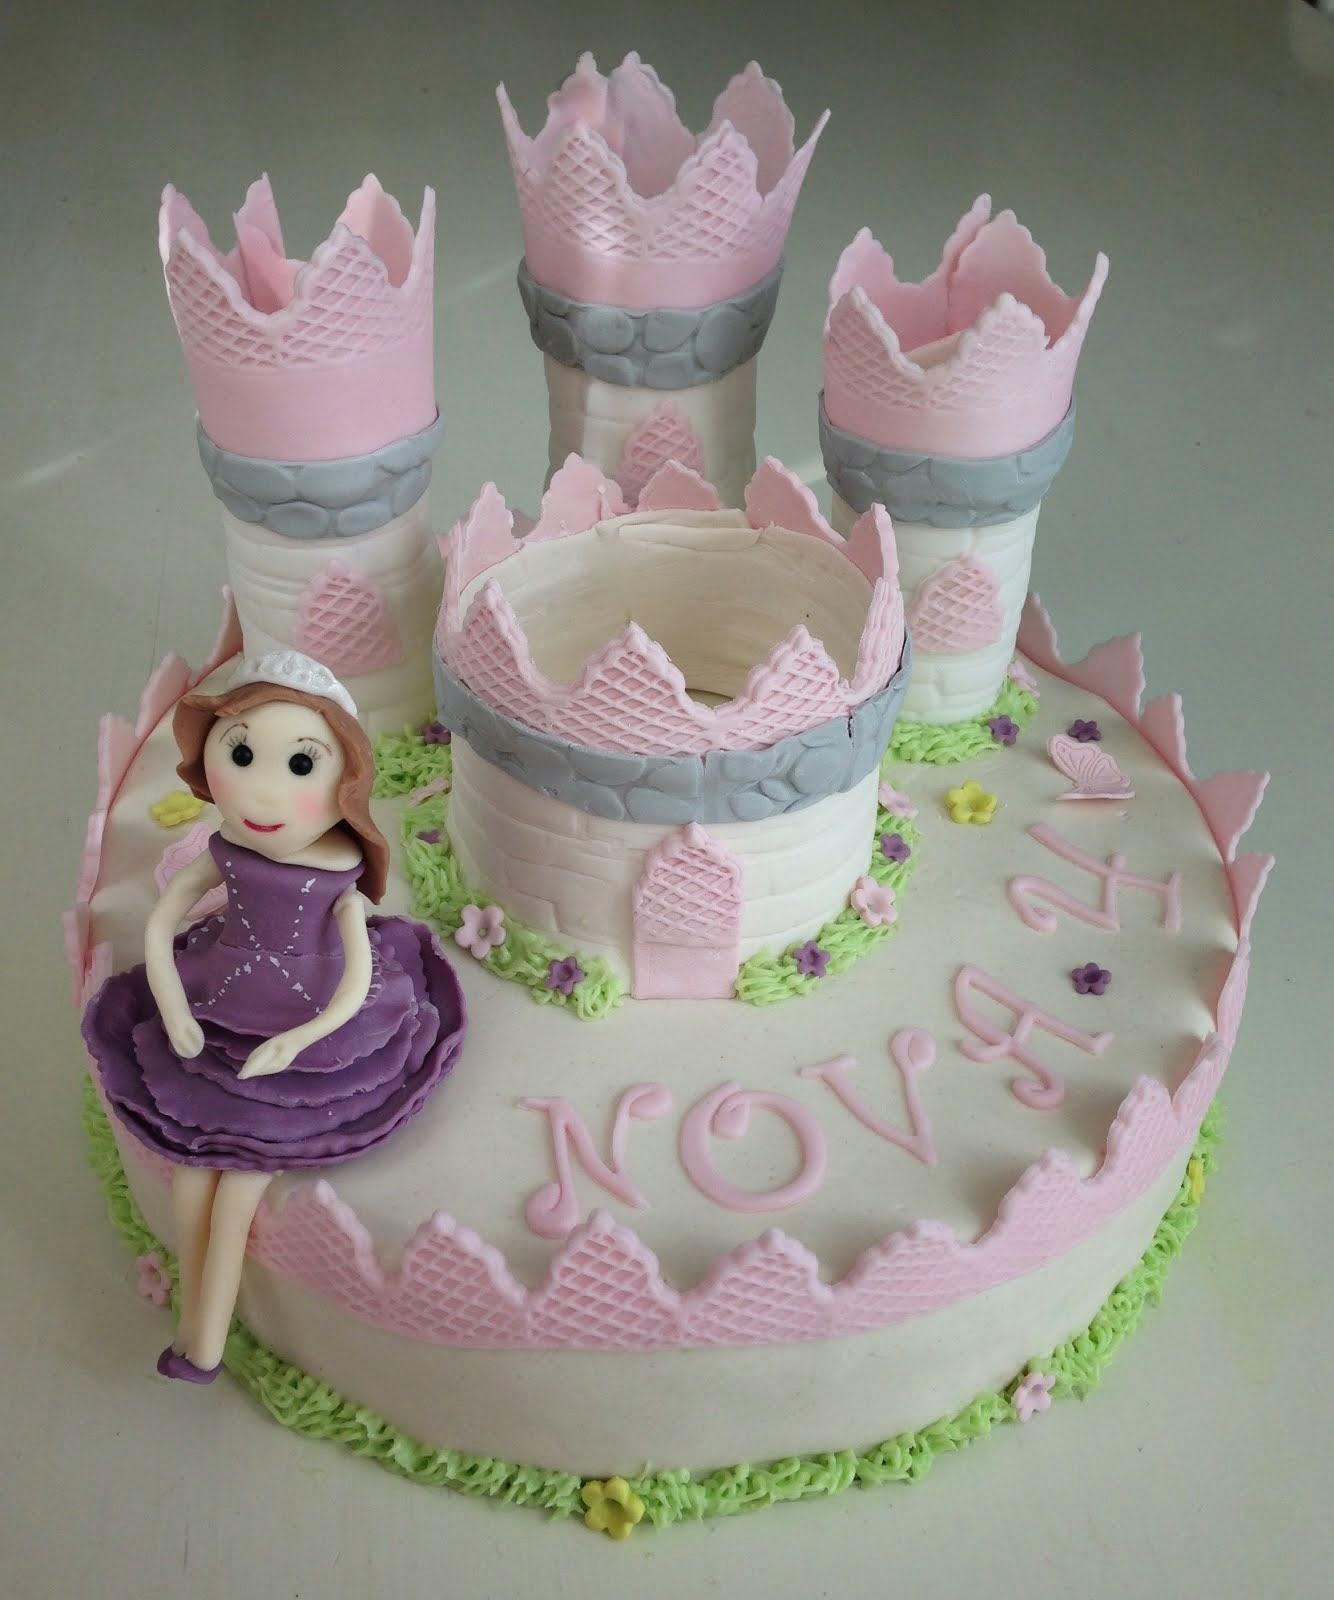 Slottstårta med prinsessan Sofia